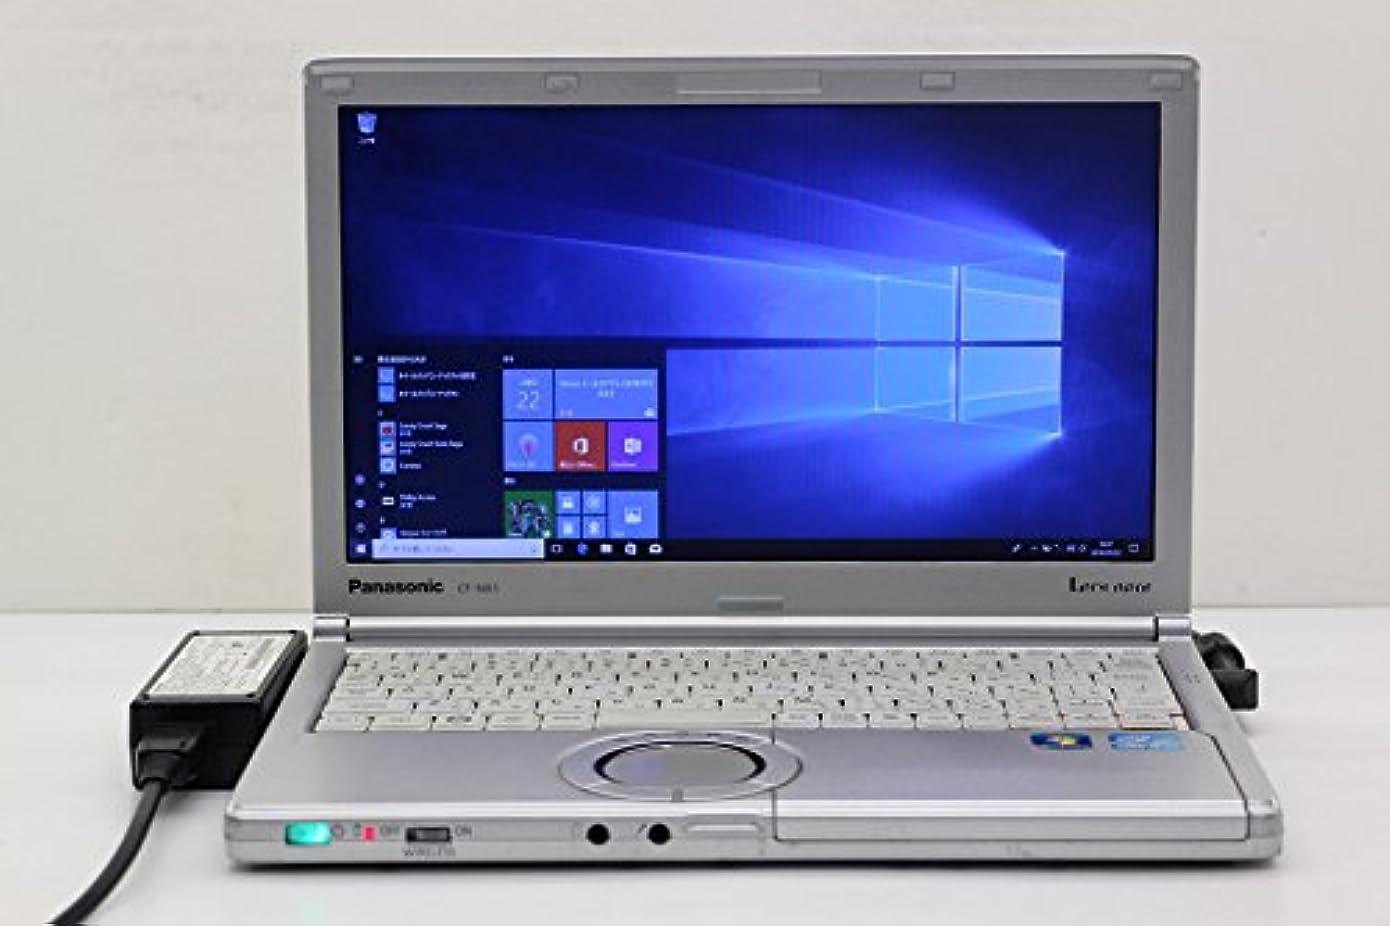 息切れディスパッチメニュー【中古】 Panasonic CF-NX1GWGYS Core i5 2520M 2.5GHz/4GB/250GB/12.1W/WXGA++(1600x900)/Win10